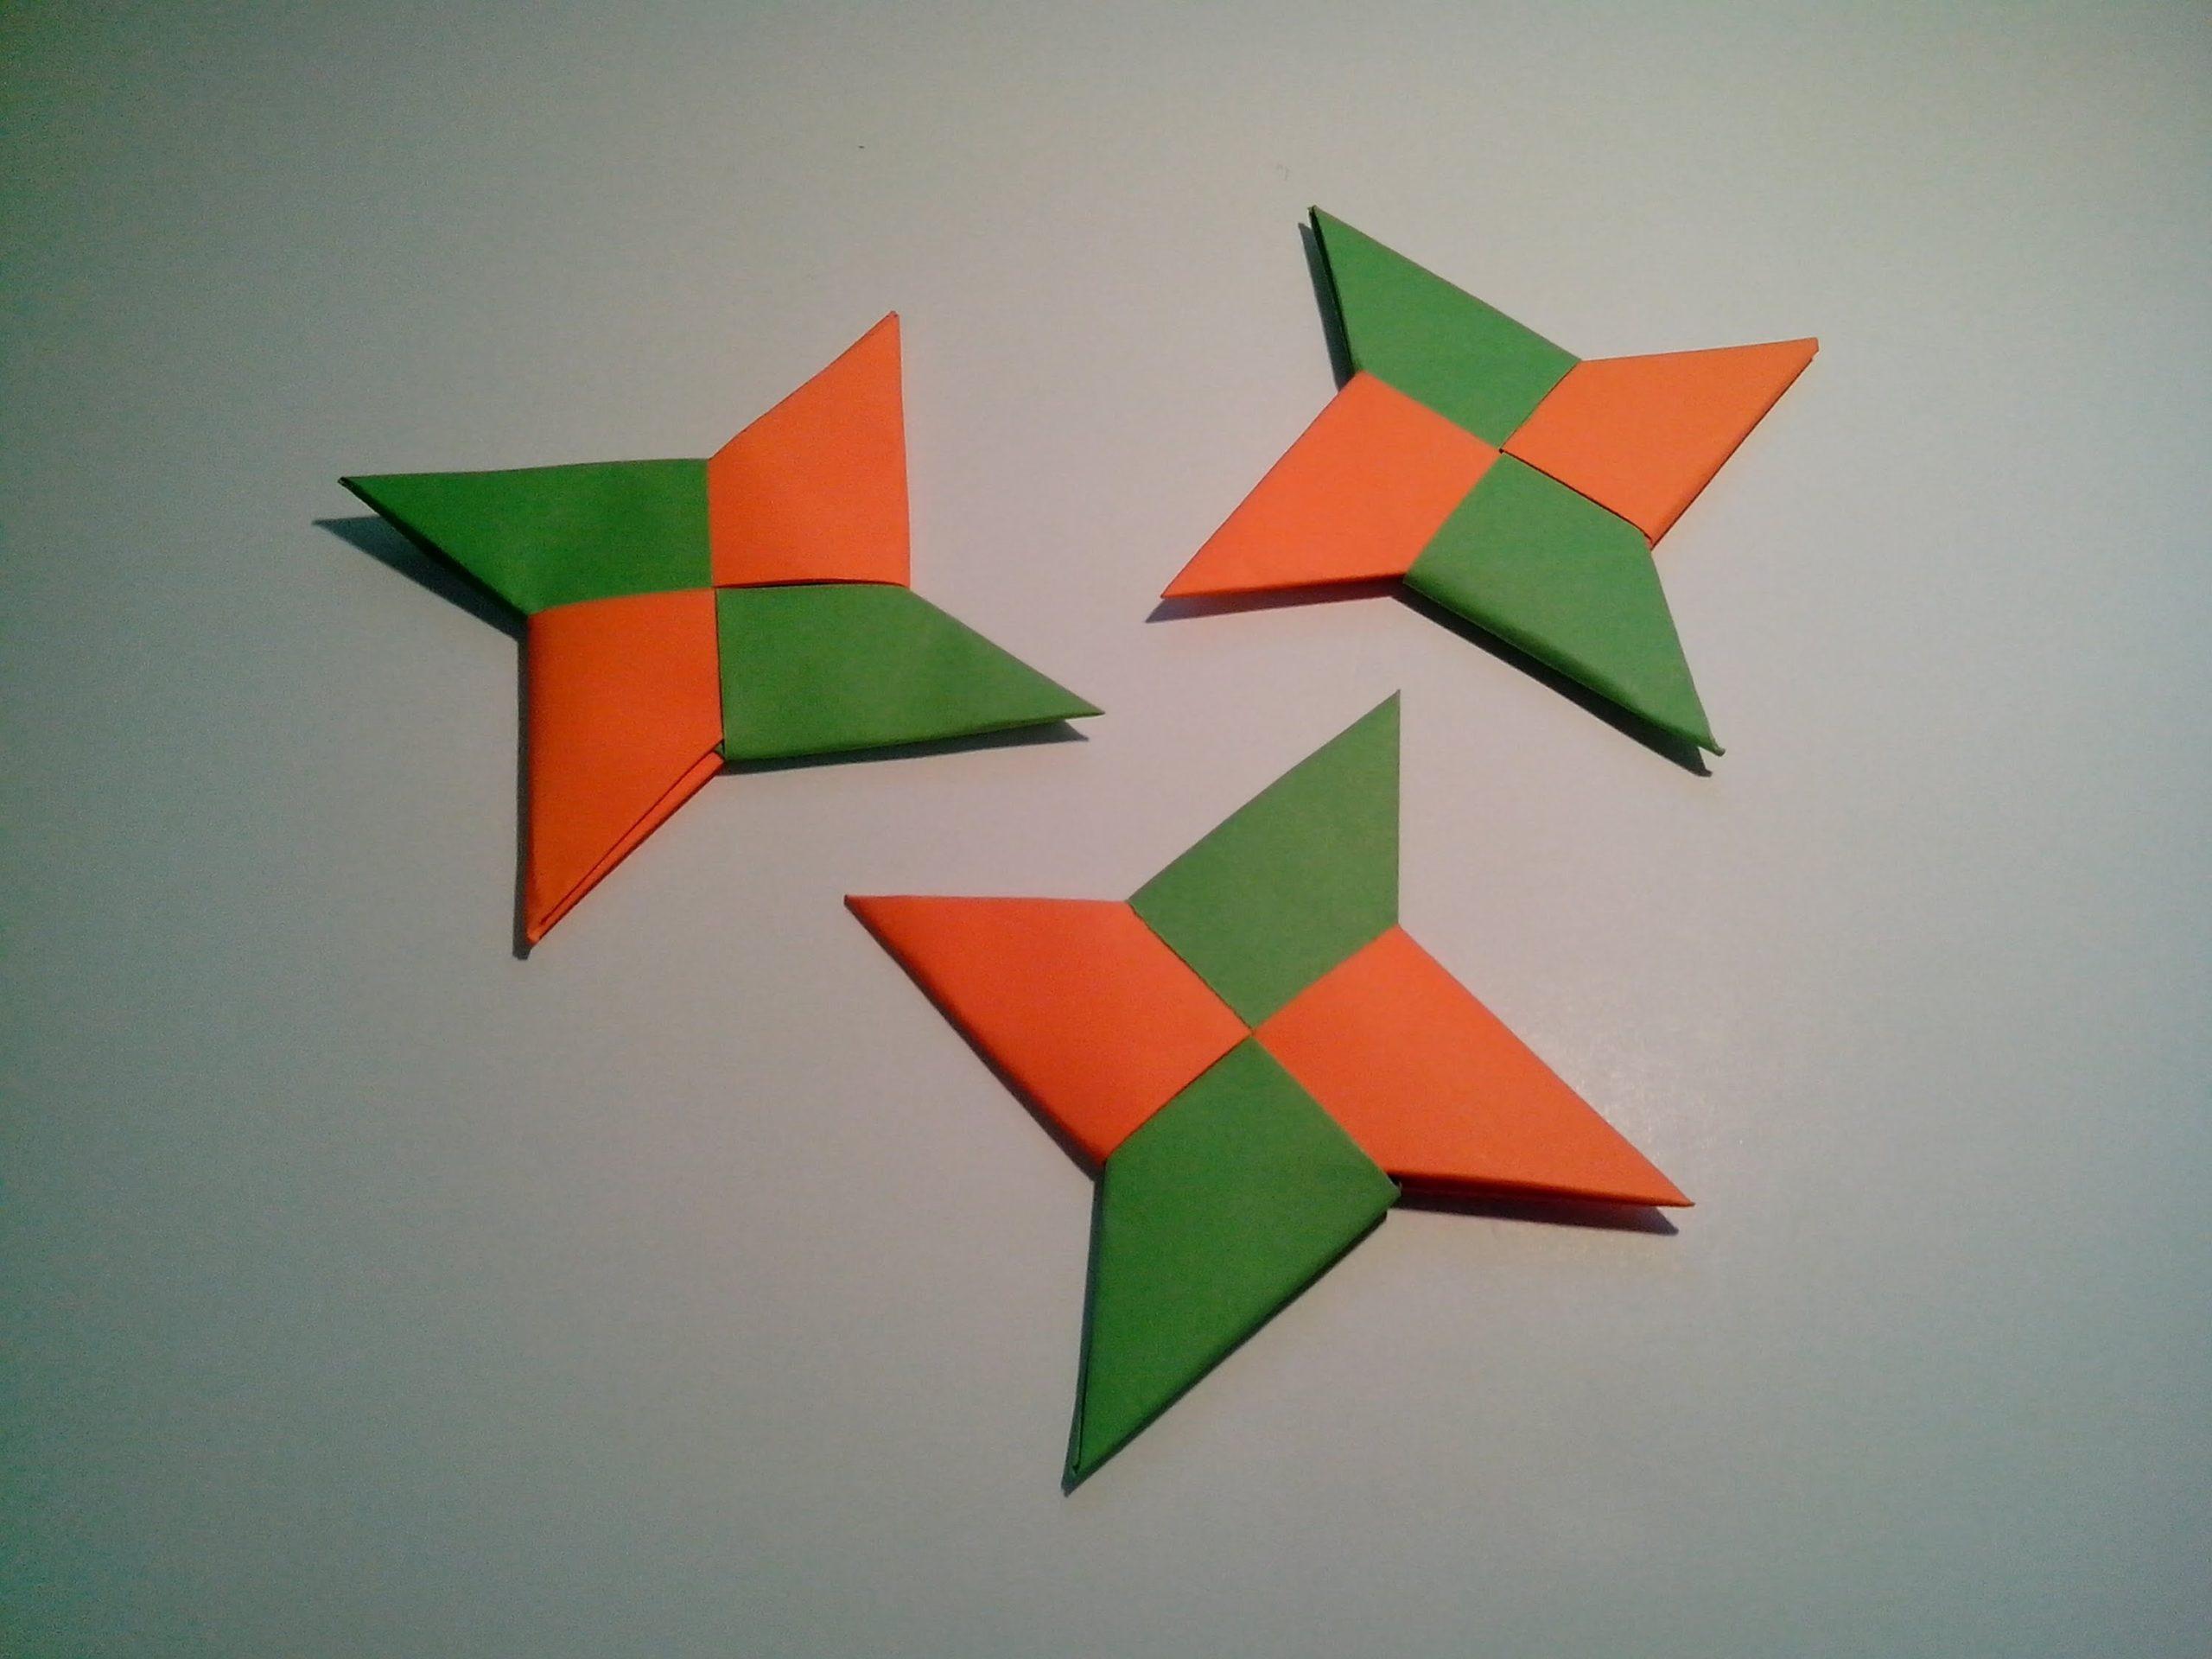 Origami estrella tutorial origami handmade - Estrellas de papel ...